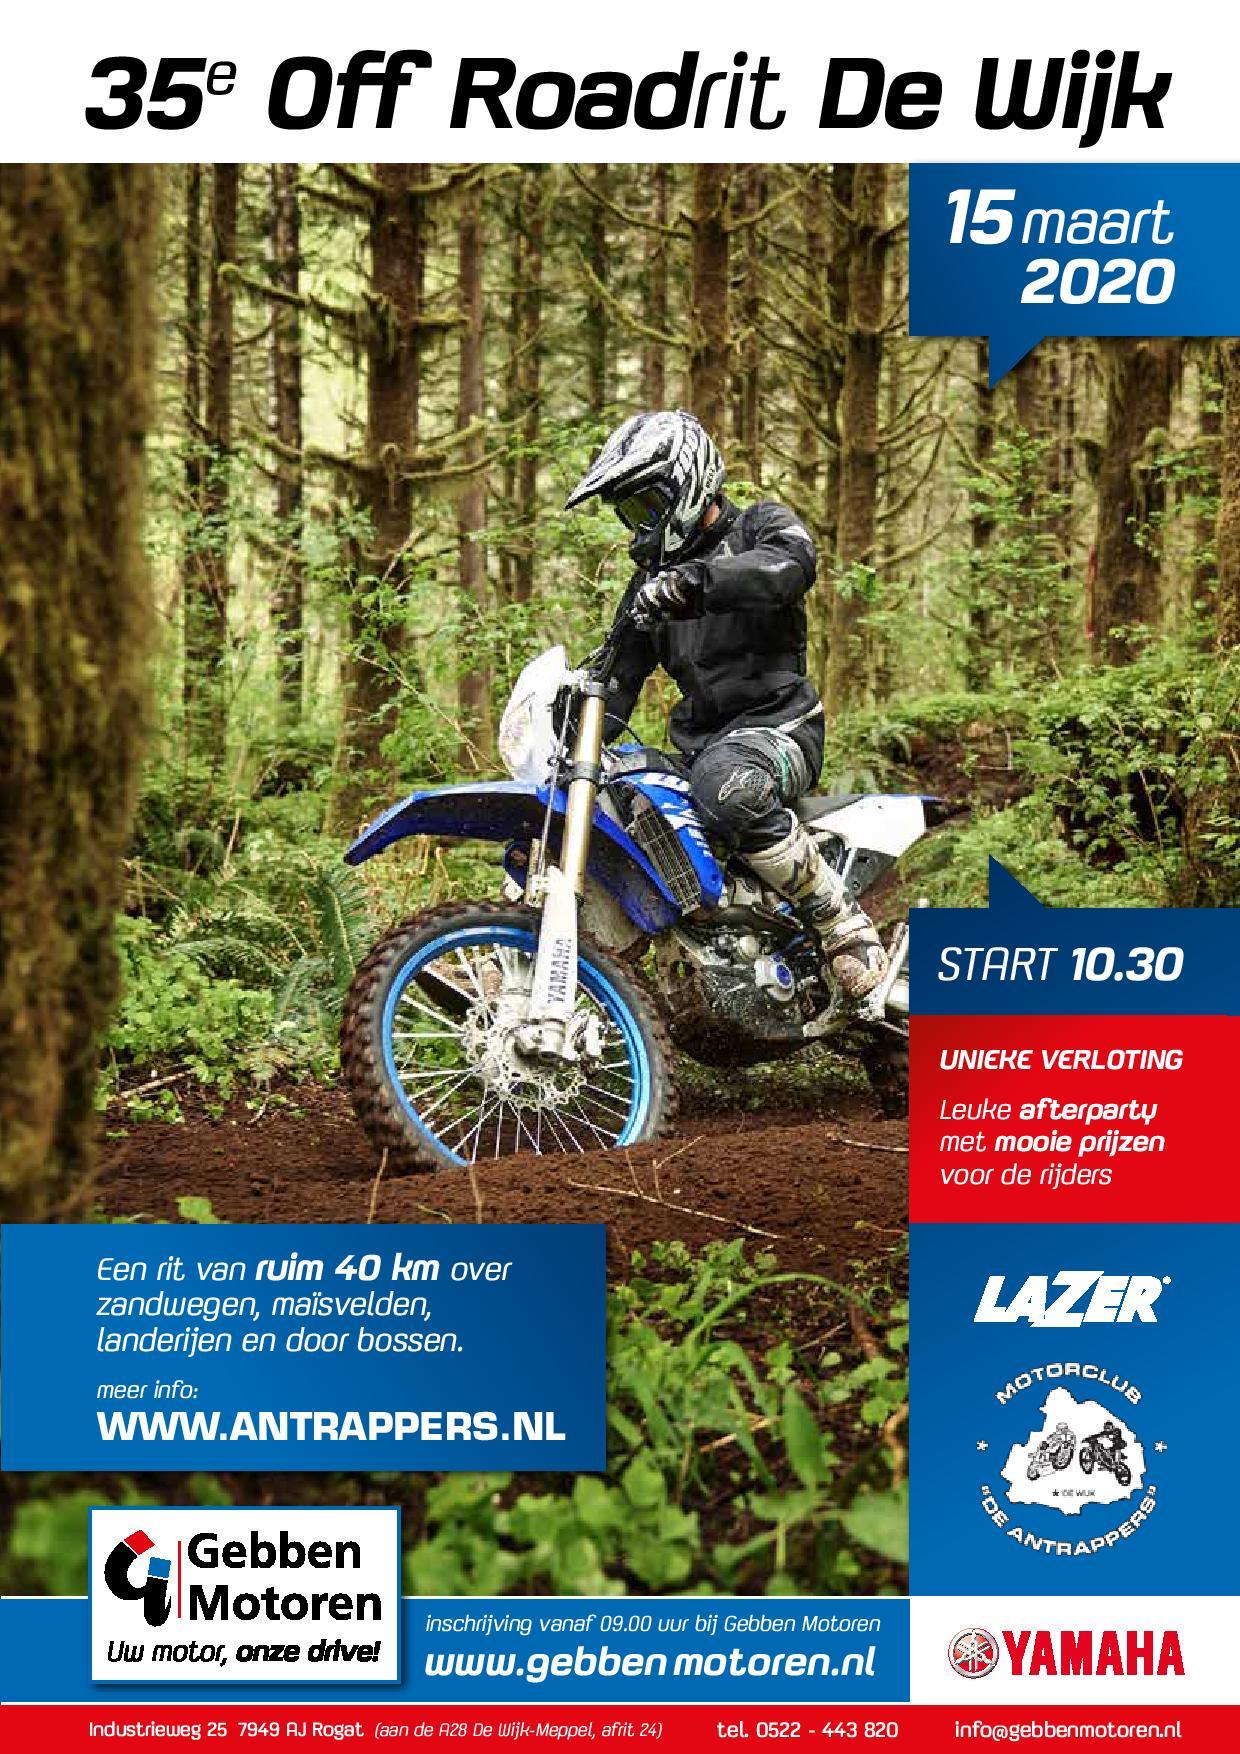 Off the Road 2020 De Wijk Gebben Motoren